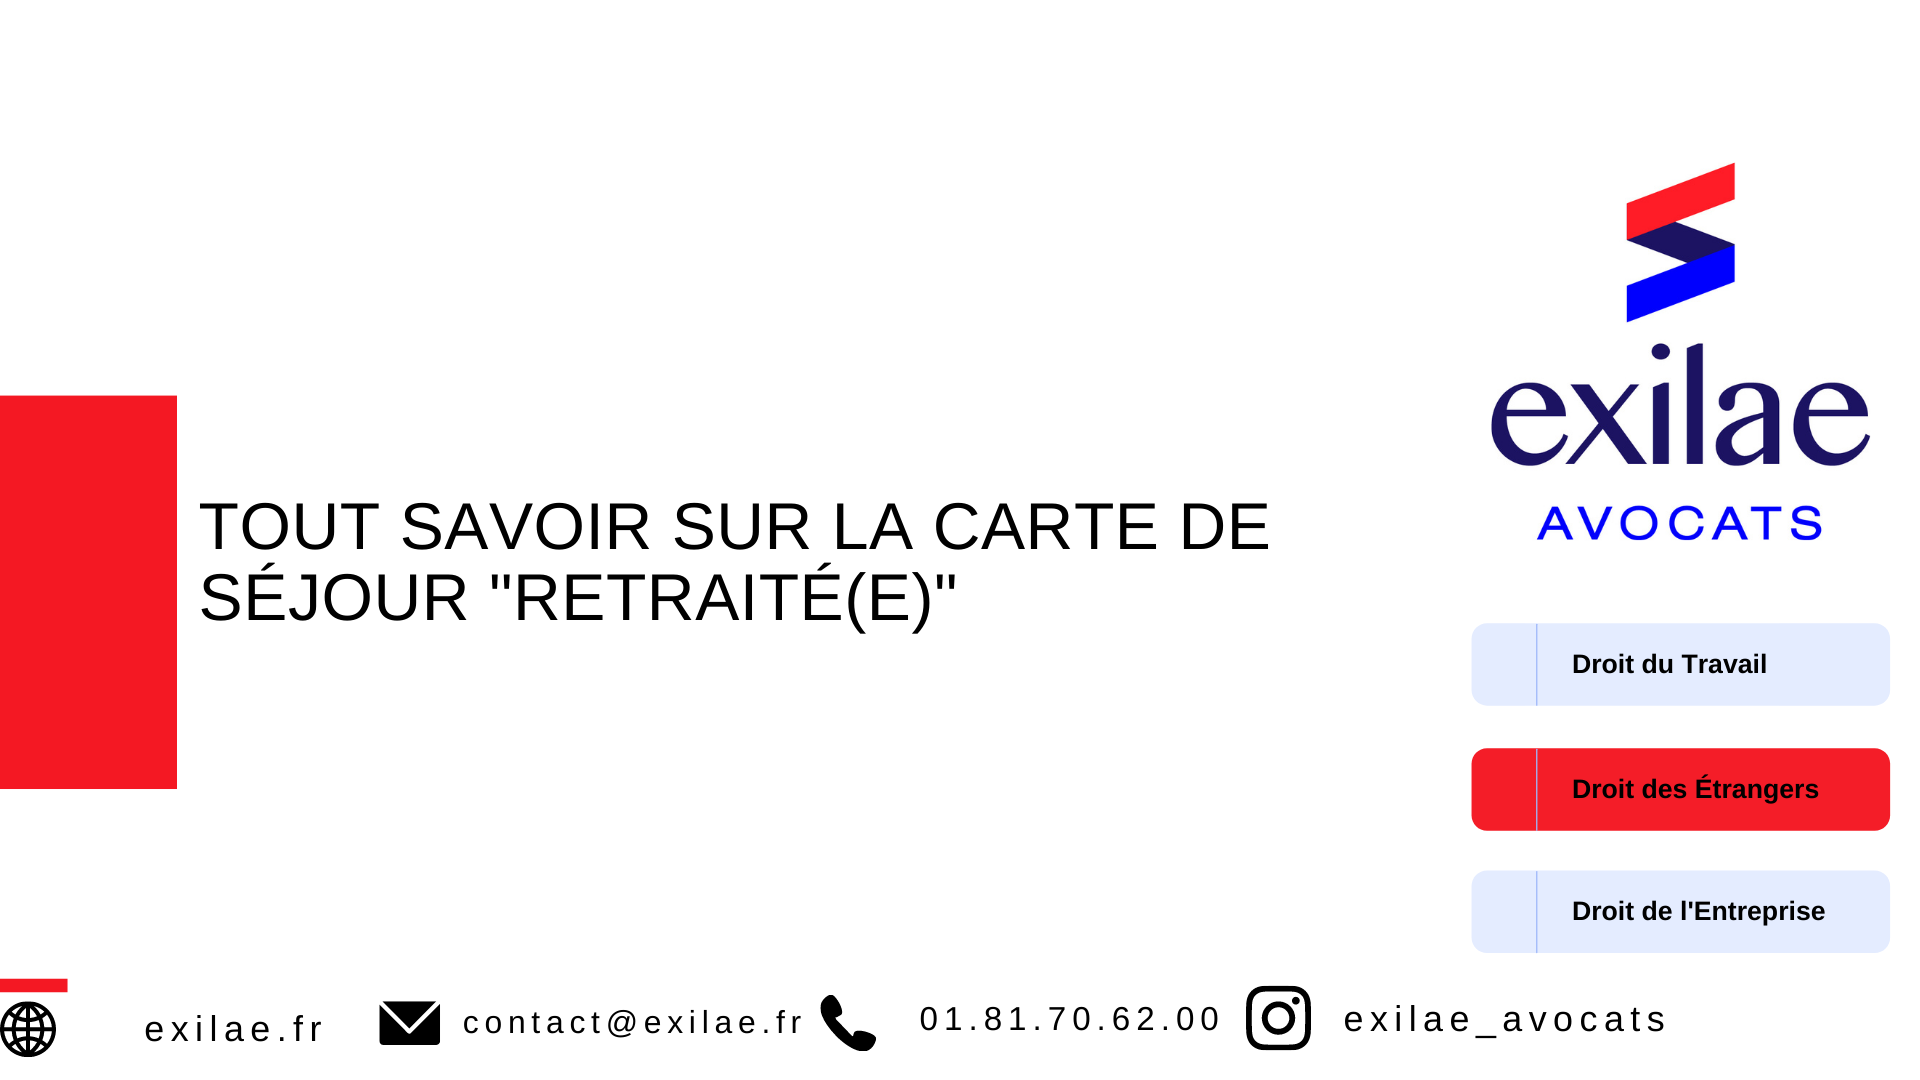 """La carte de séjour """"retraité(e)"""""""